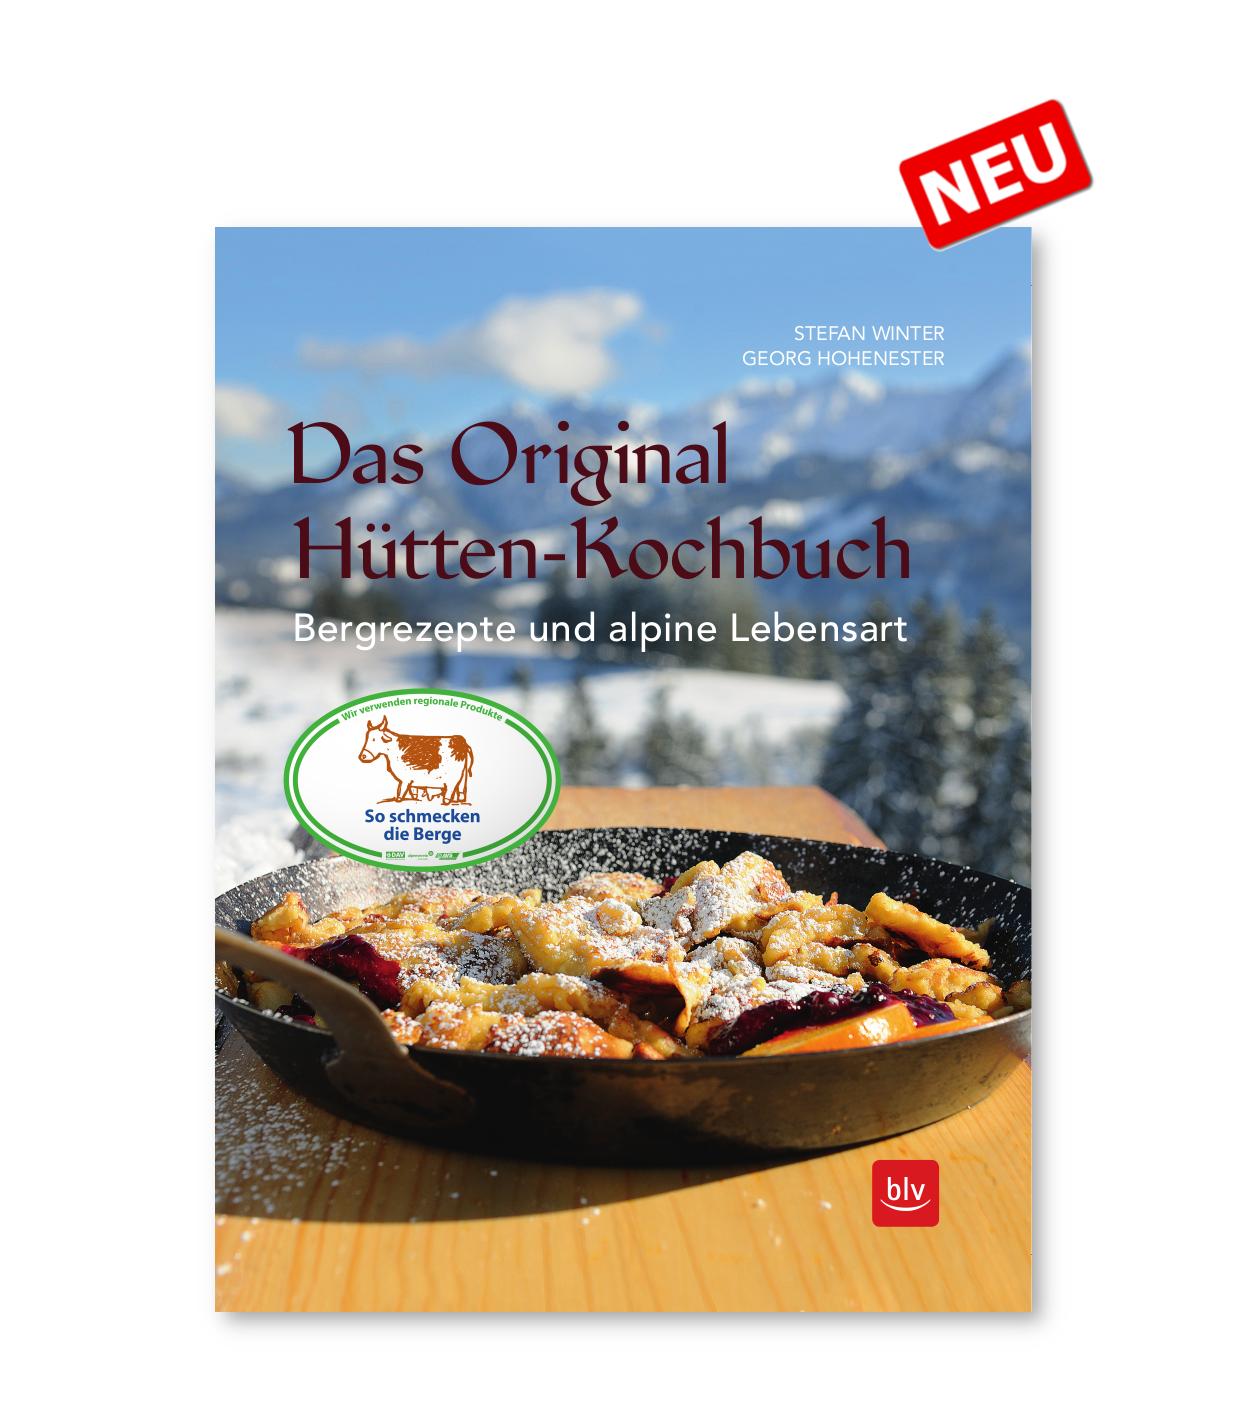 Das Original Hütten-Kochbuch